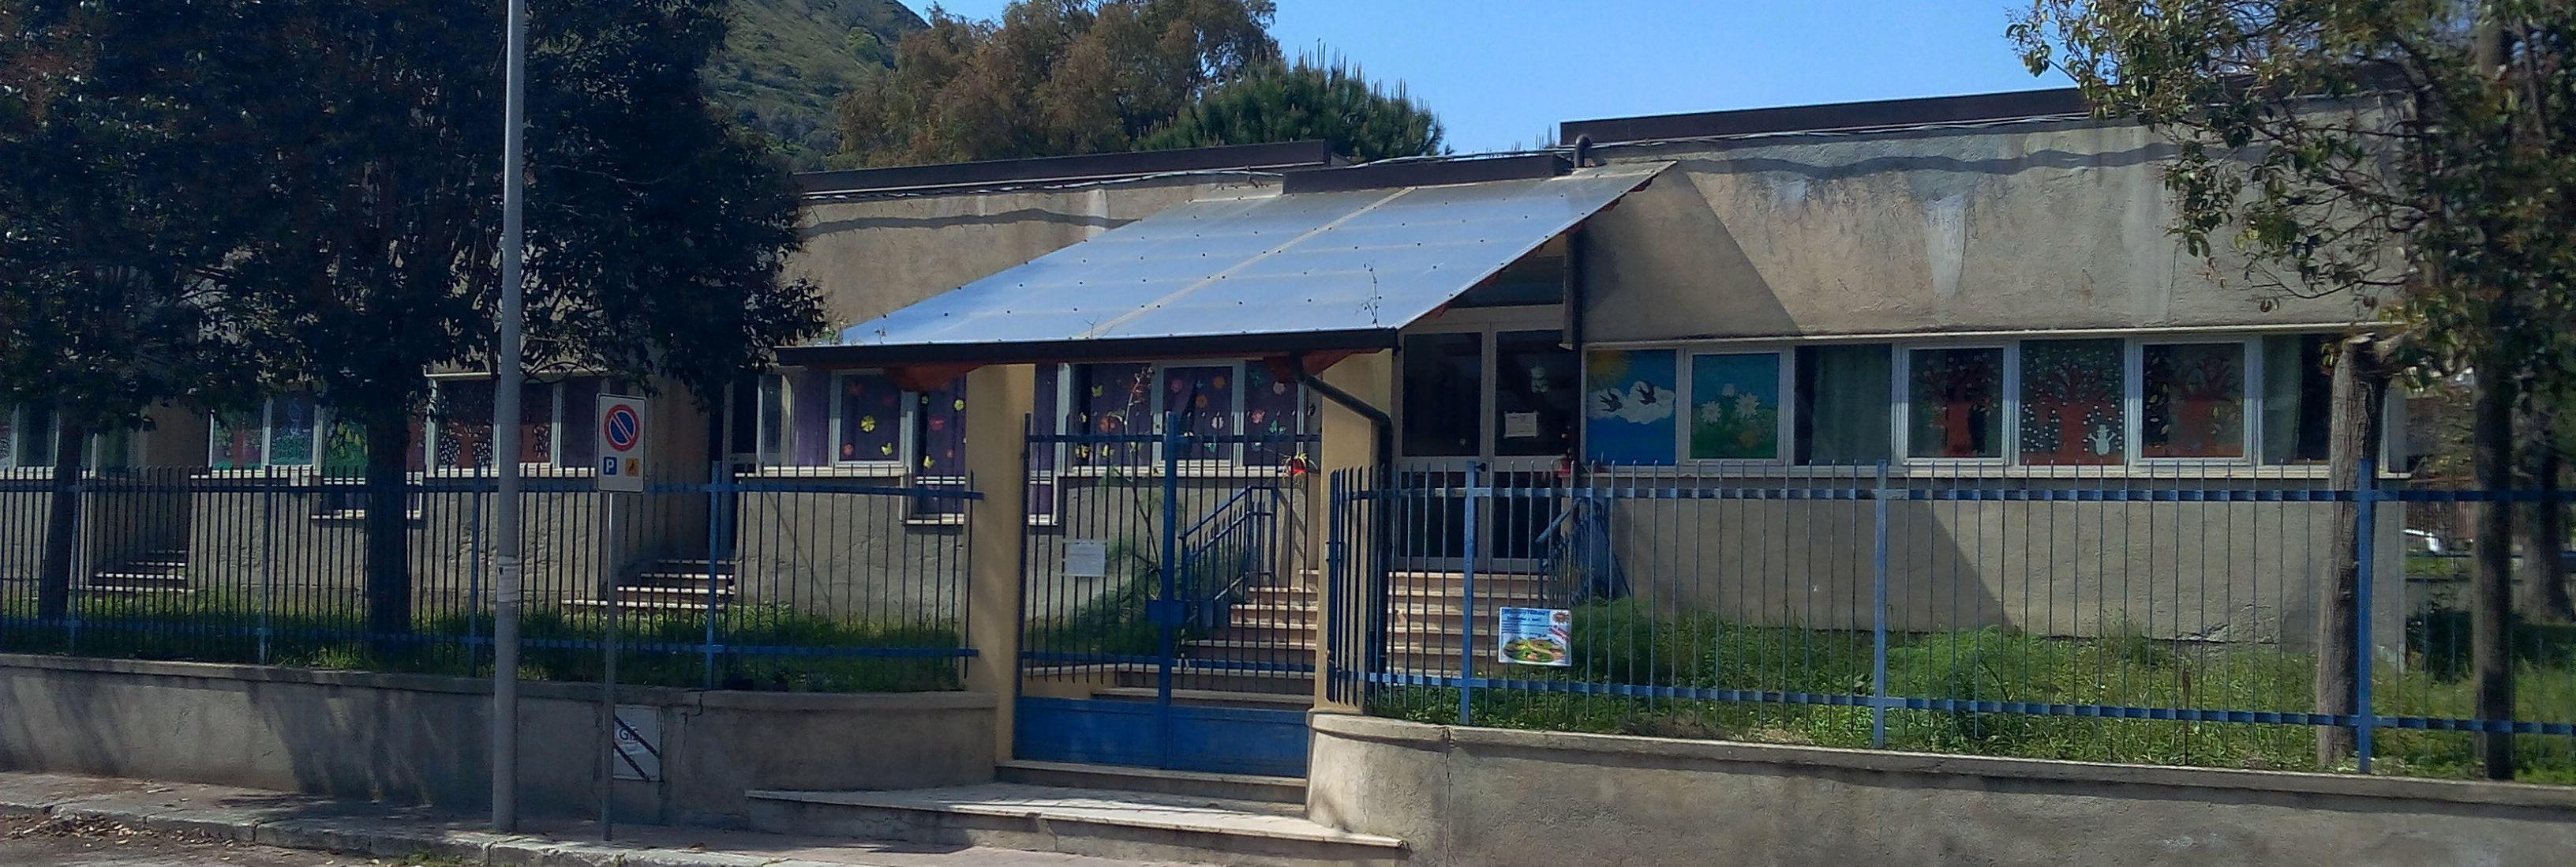 """Scuola Infanzia """"Gramsci"""" a Gioiosa: chiusura per pulizia straordinaria"""